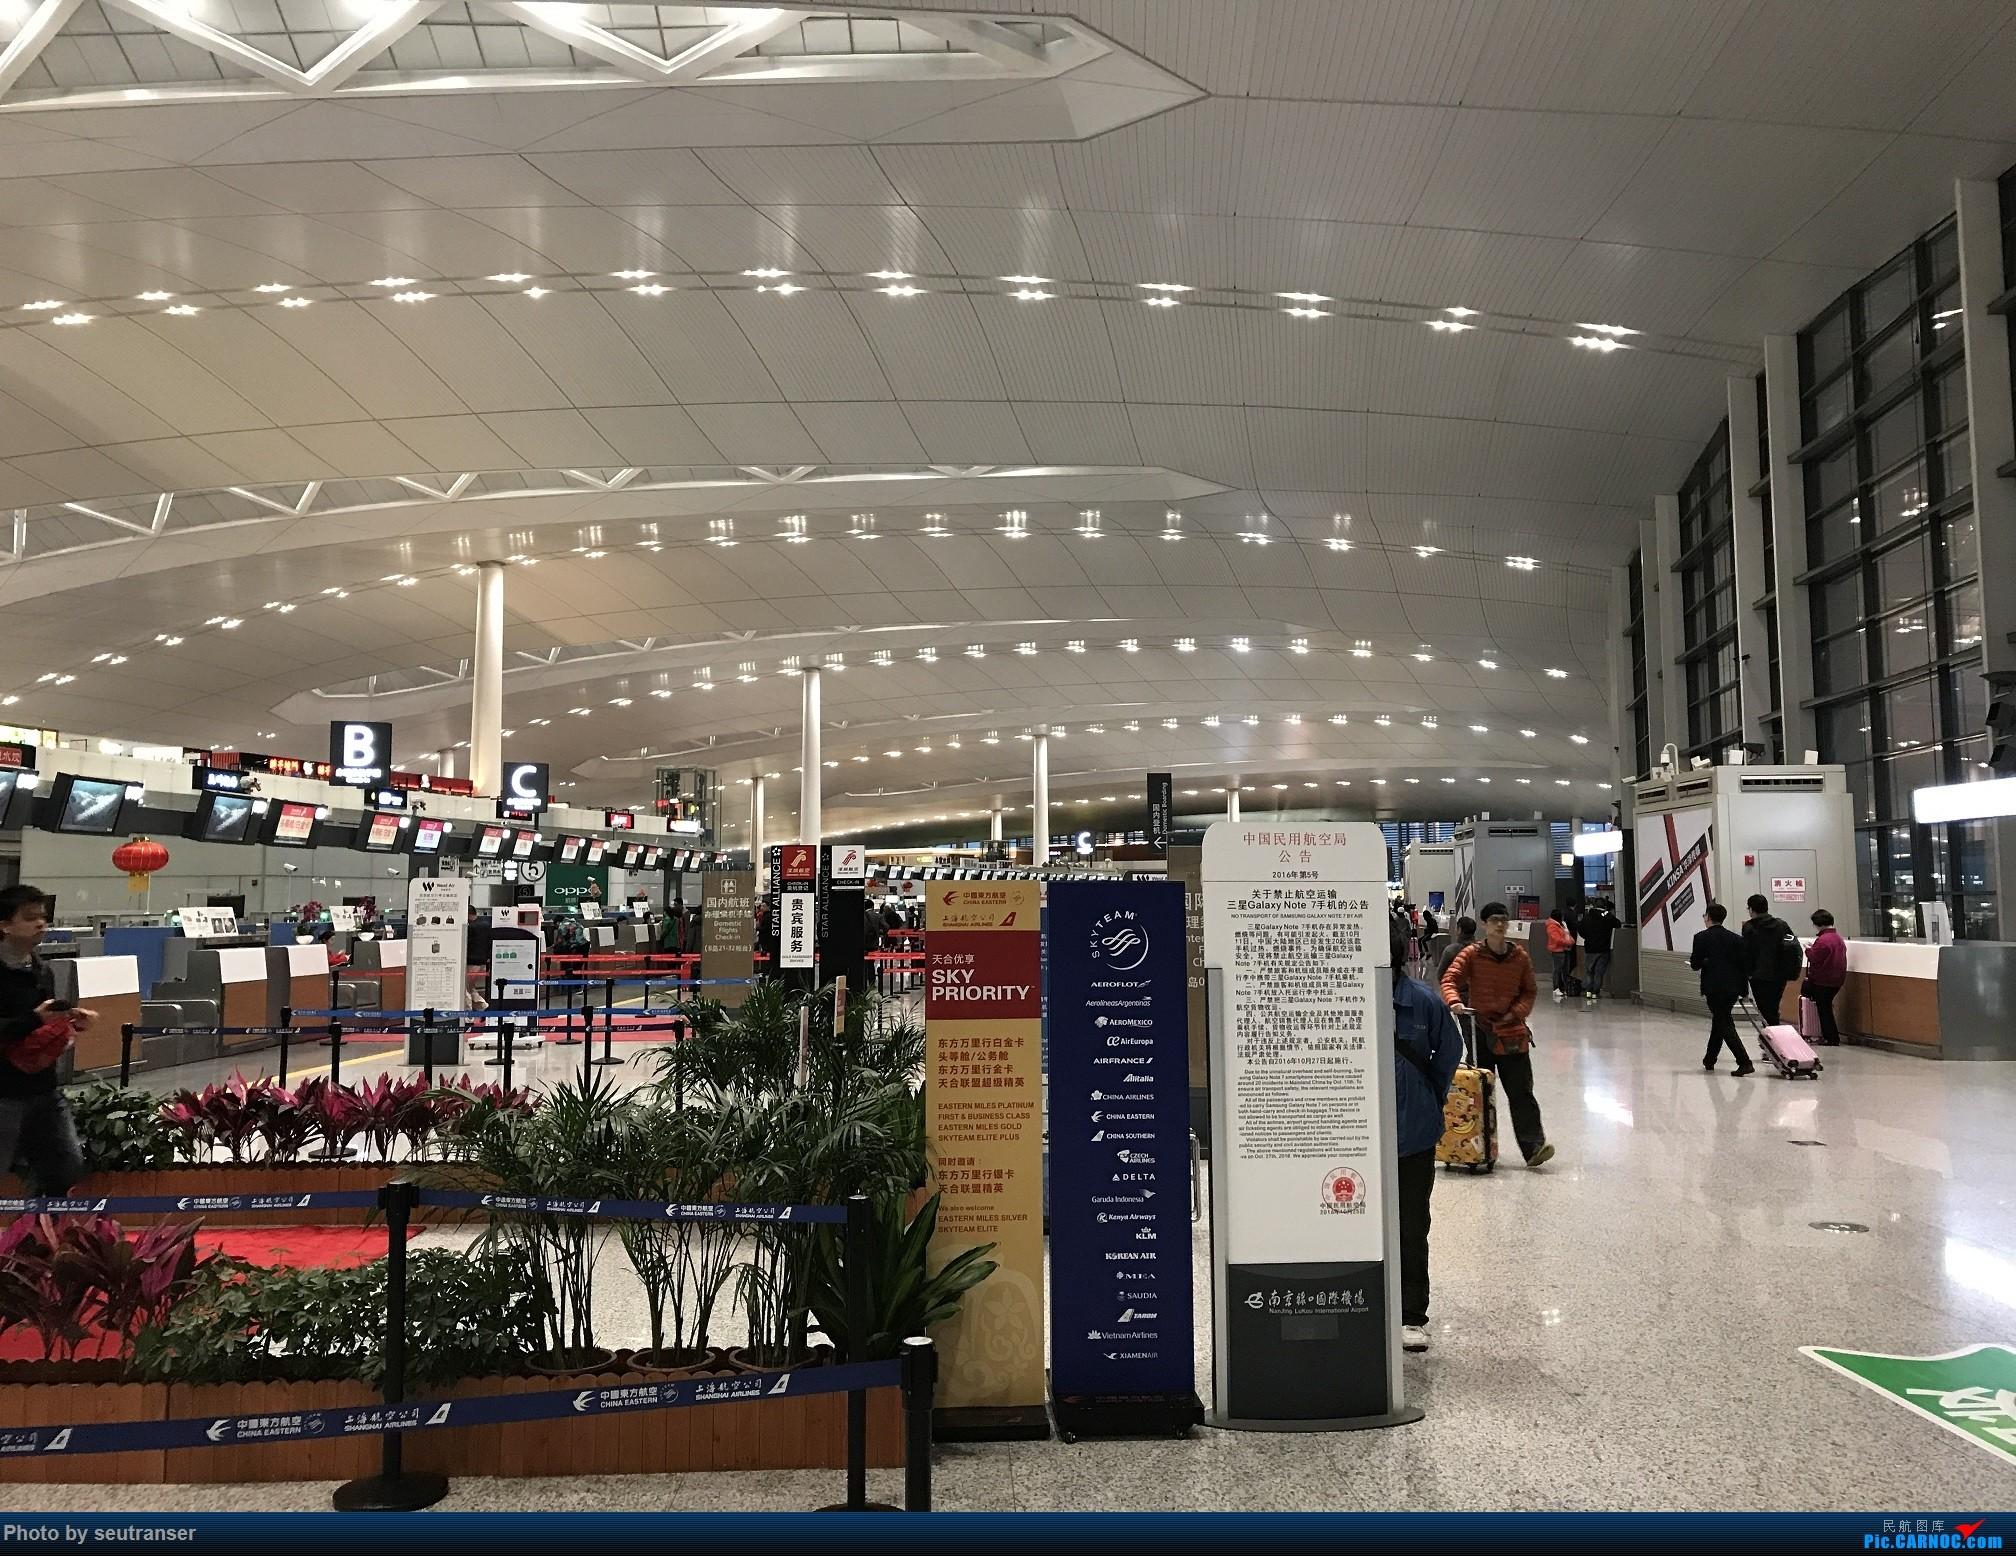 Re:[原创]迟到一年的游记,记第一次出国游—日本    中国南京禄口国际机场